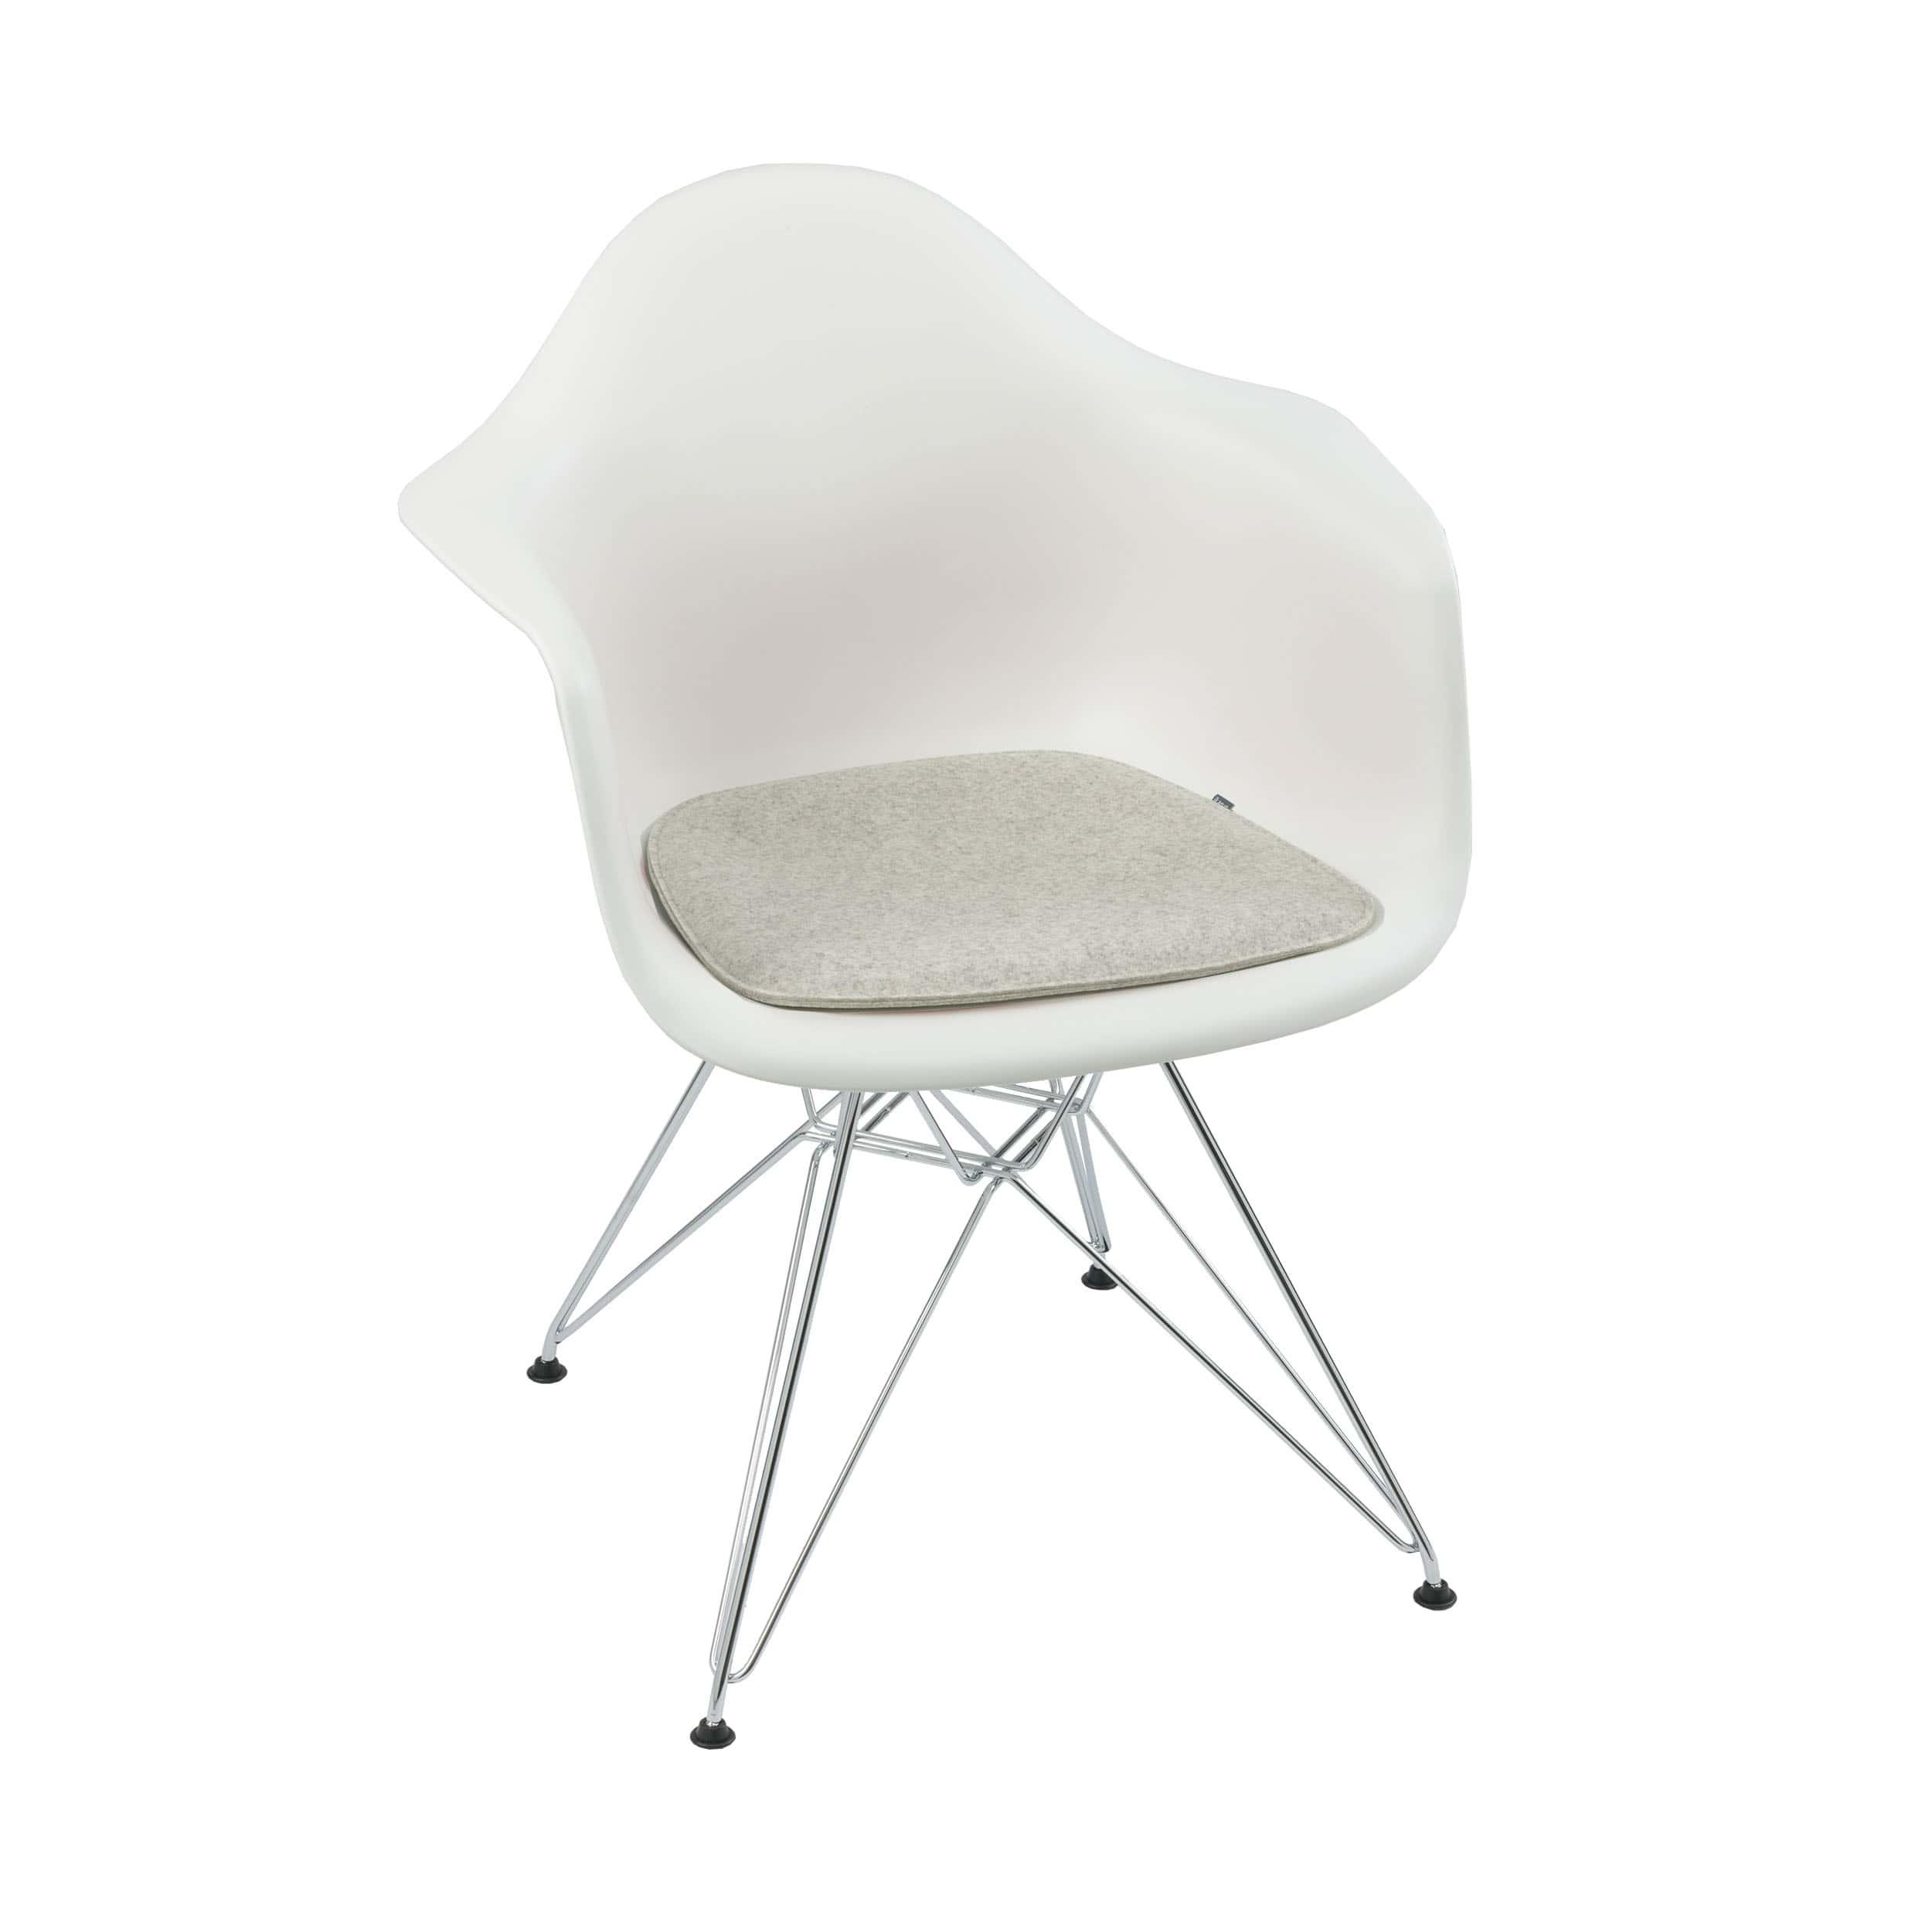 Sitzkissen 2-lagig für Eames Armchair